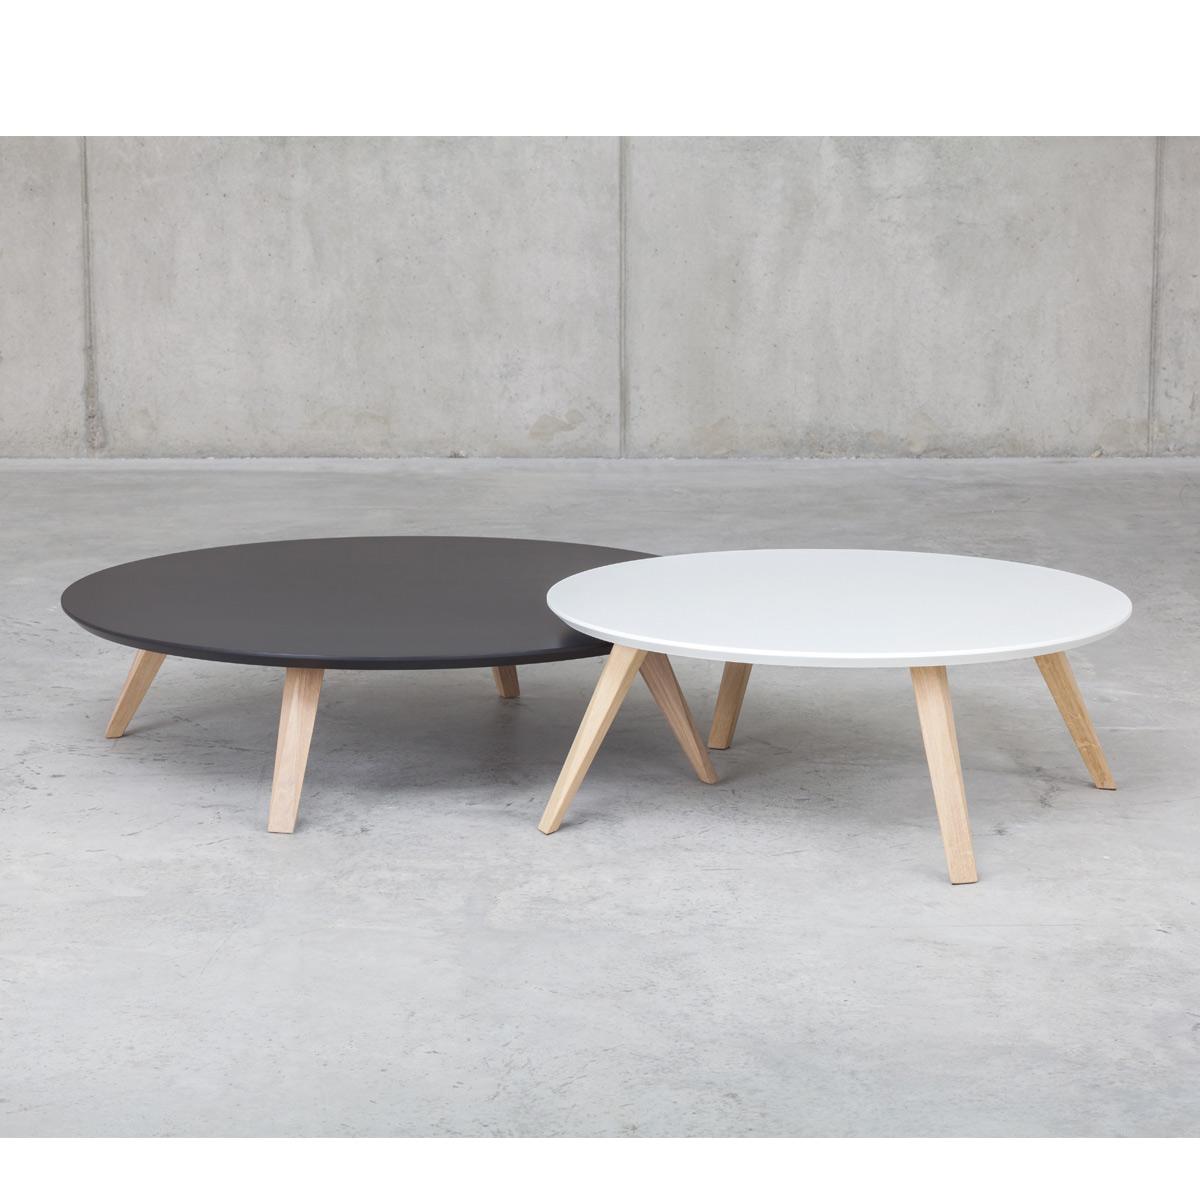 modele cuisine chez brico depot maison et. Black Bedroom Furniture Sets. Home Design Ideas